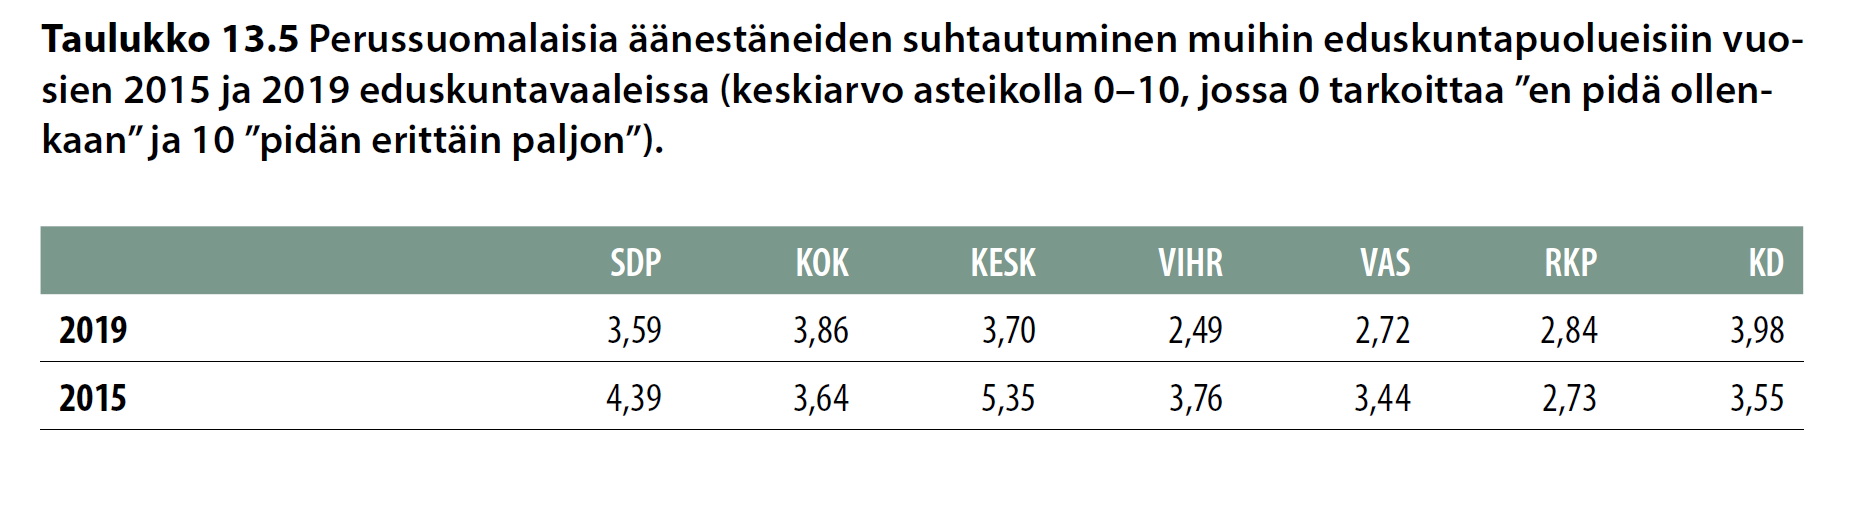 Perussuomalaisia äänestäneiden suhtautuminen muihin eduskuntapuolueisiin vuosien 2015 ja 2019 eduskuntavaaleissa